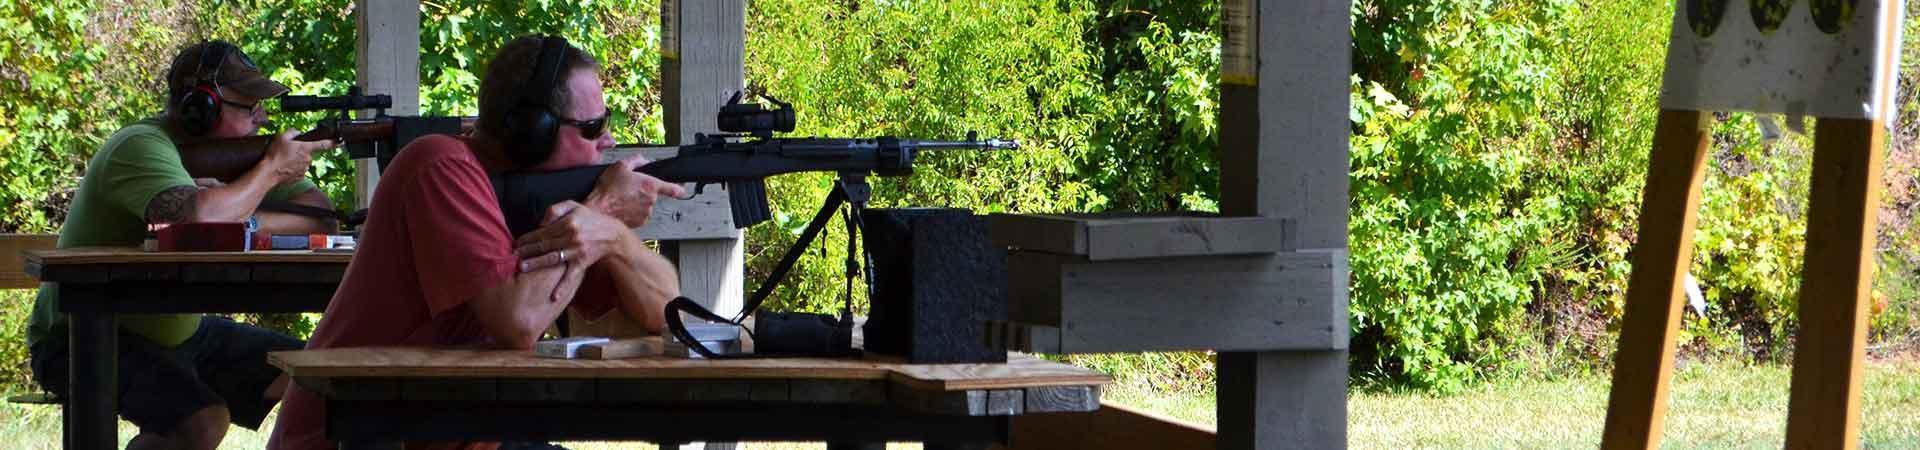 Shooting Range Bench